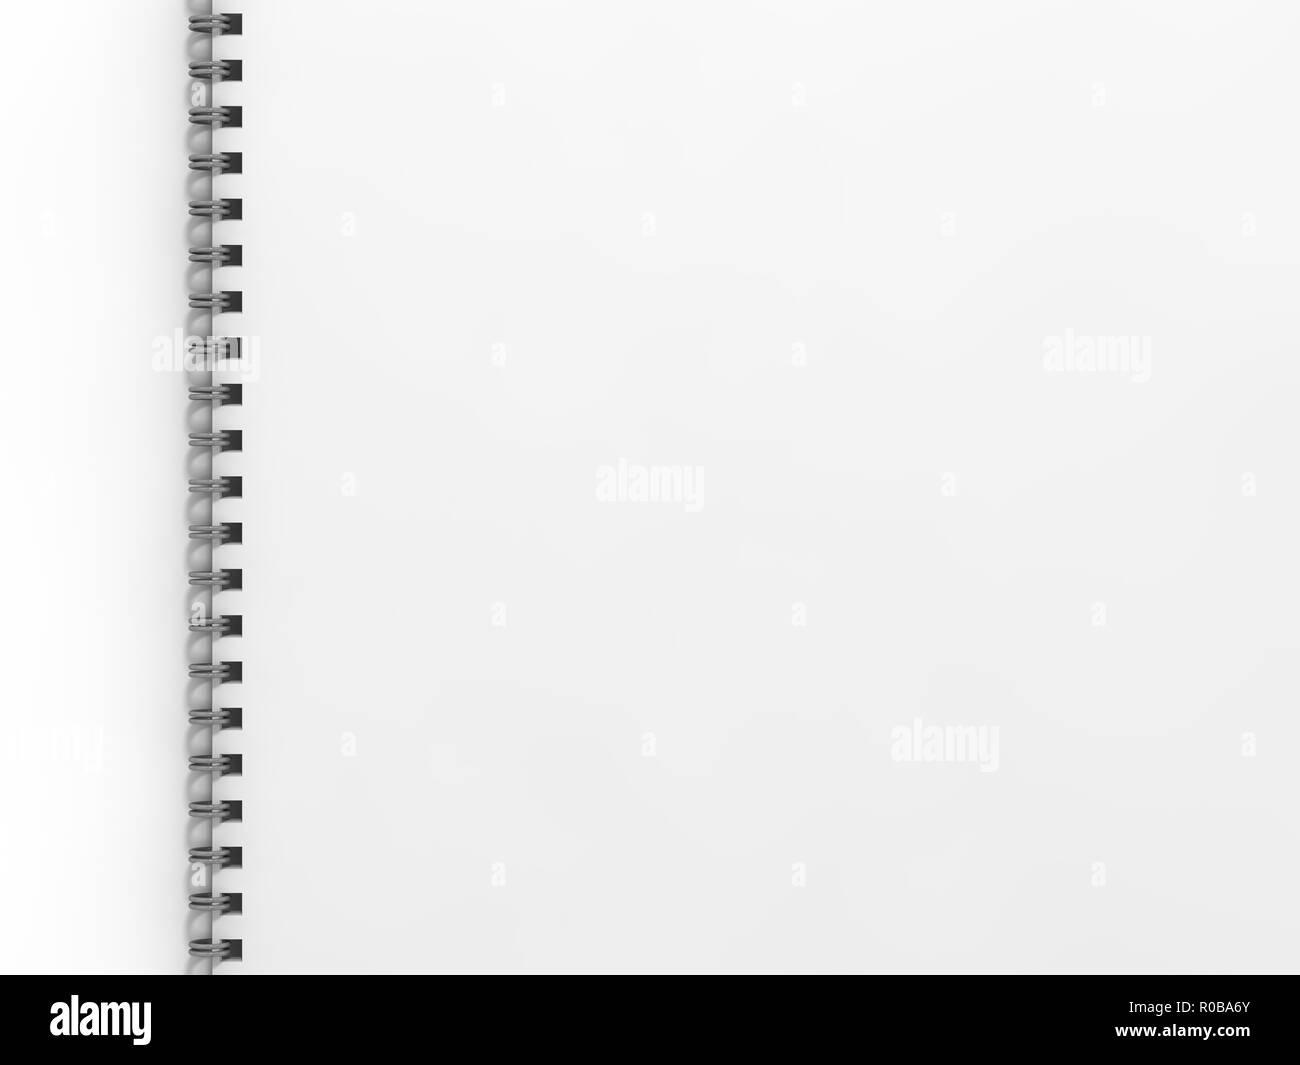 Cuaderno en blanco sobre fondo blanco. 3D rendering Imagen De Stock